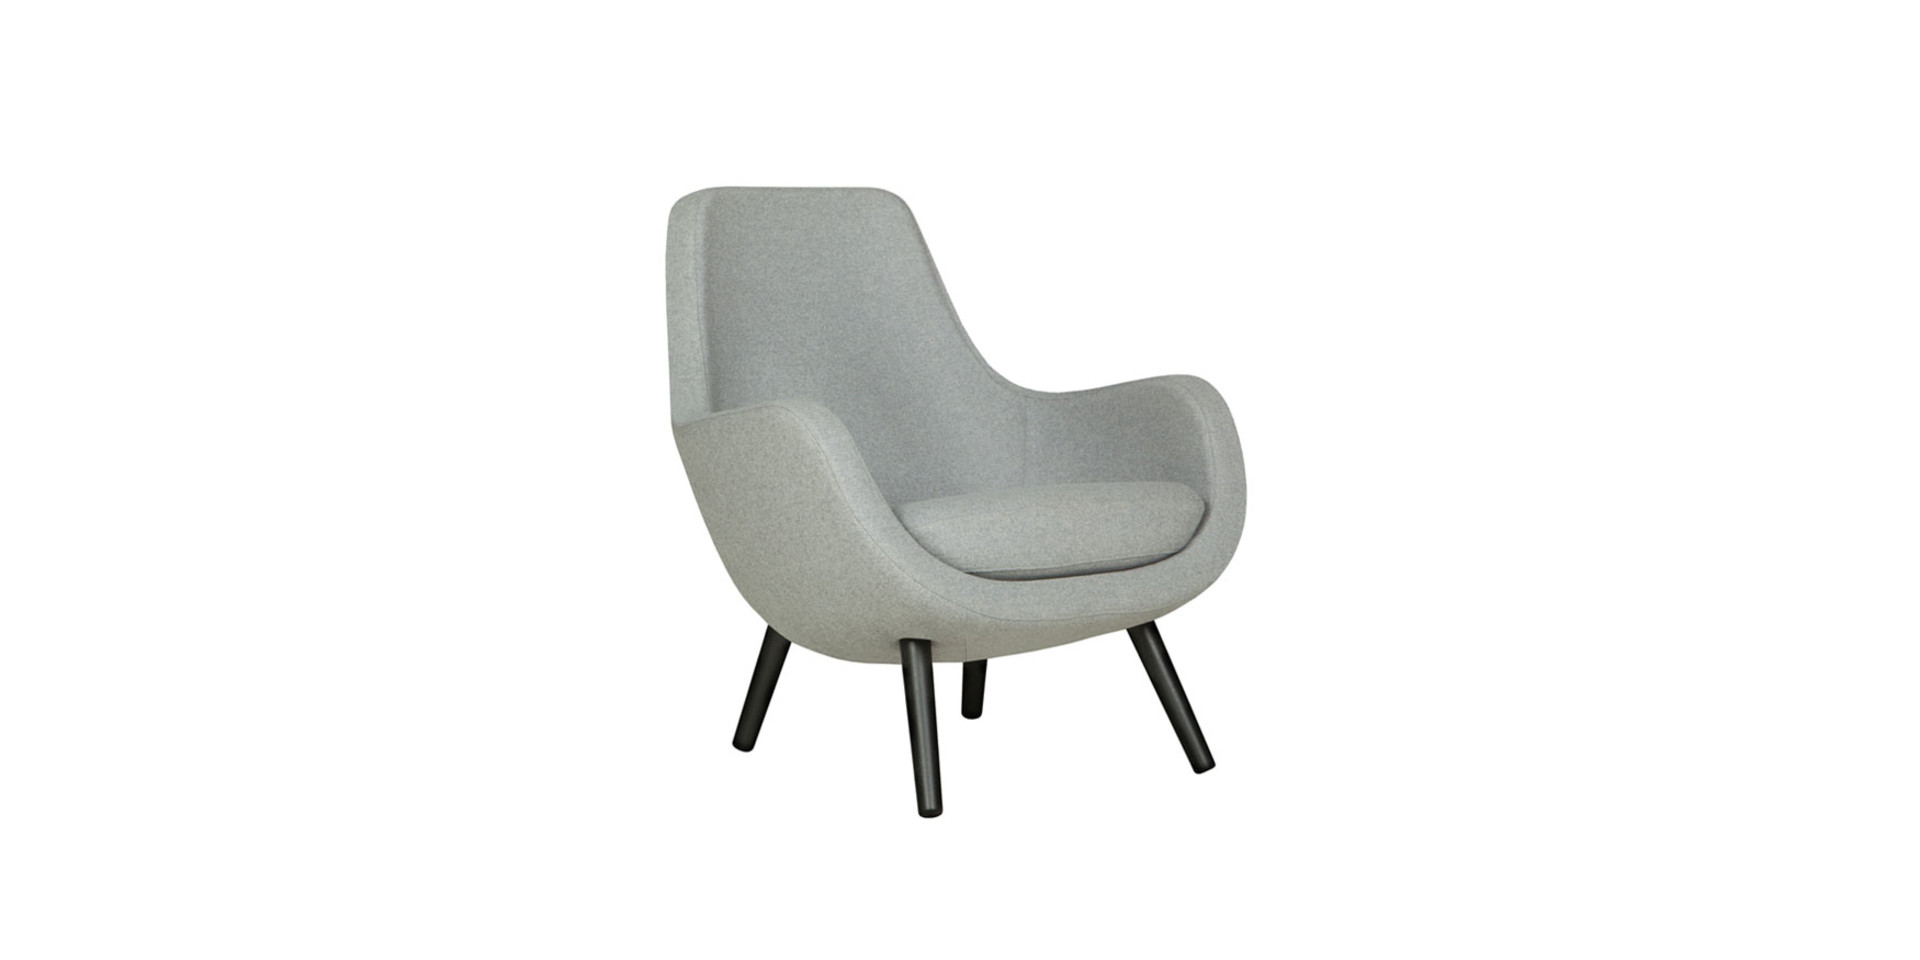 sits-stefani-fauteuil-panno1000_light_grey_2